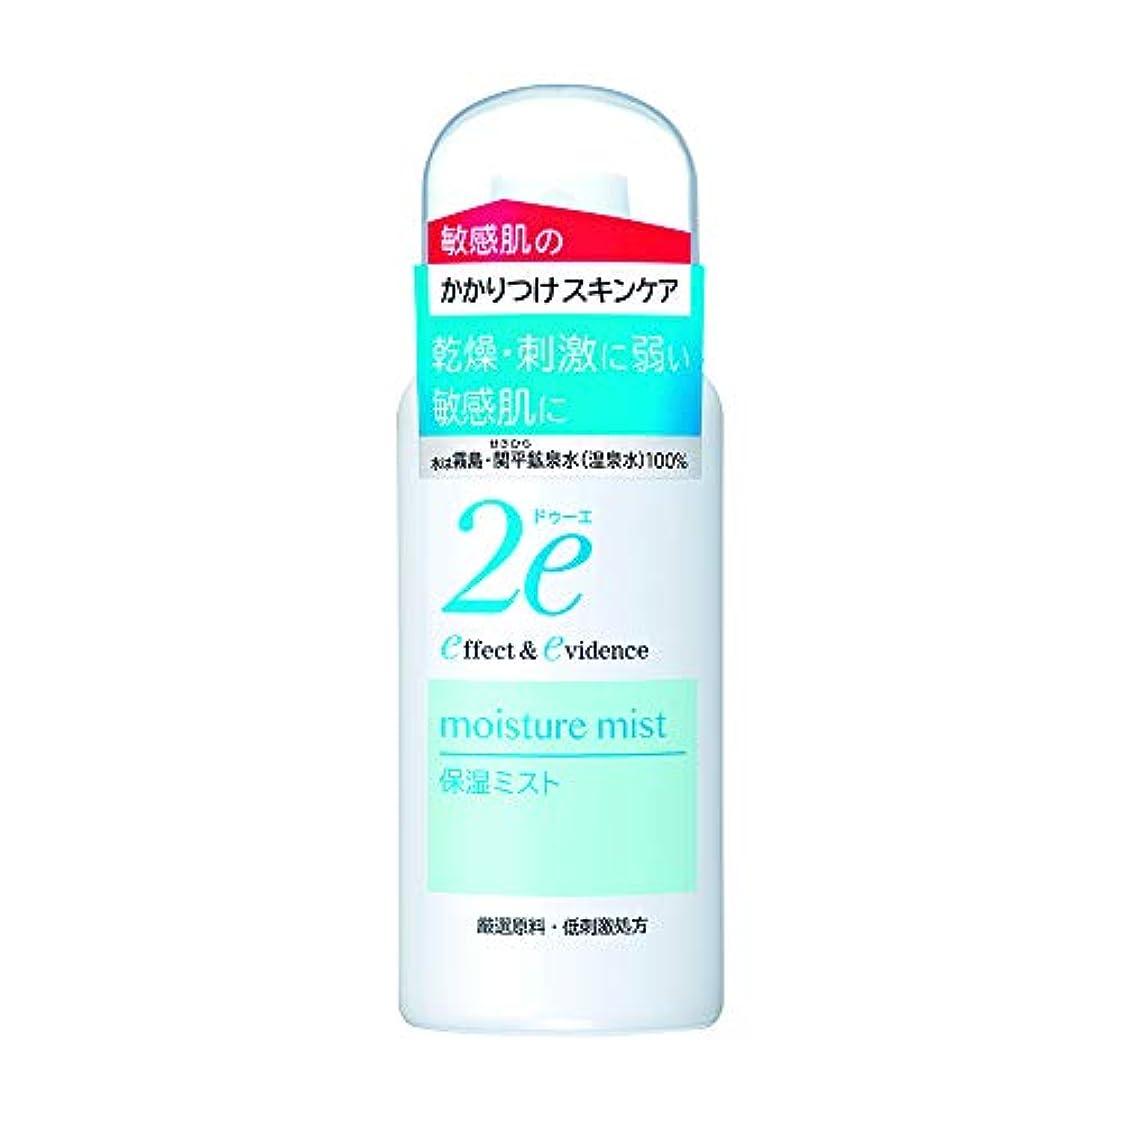 同行する領域専制2e(ドゥーエ) ドゥーエ 保湿ミスト(携帯) 化粧水 50g